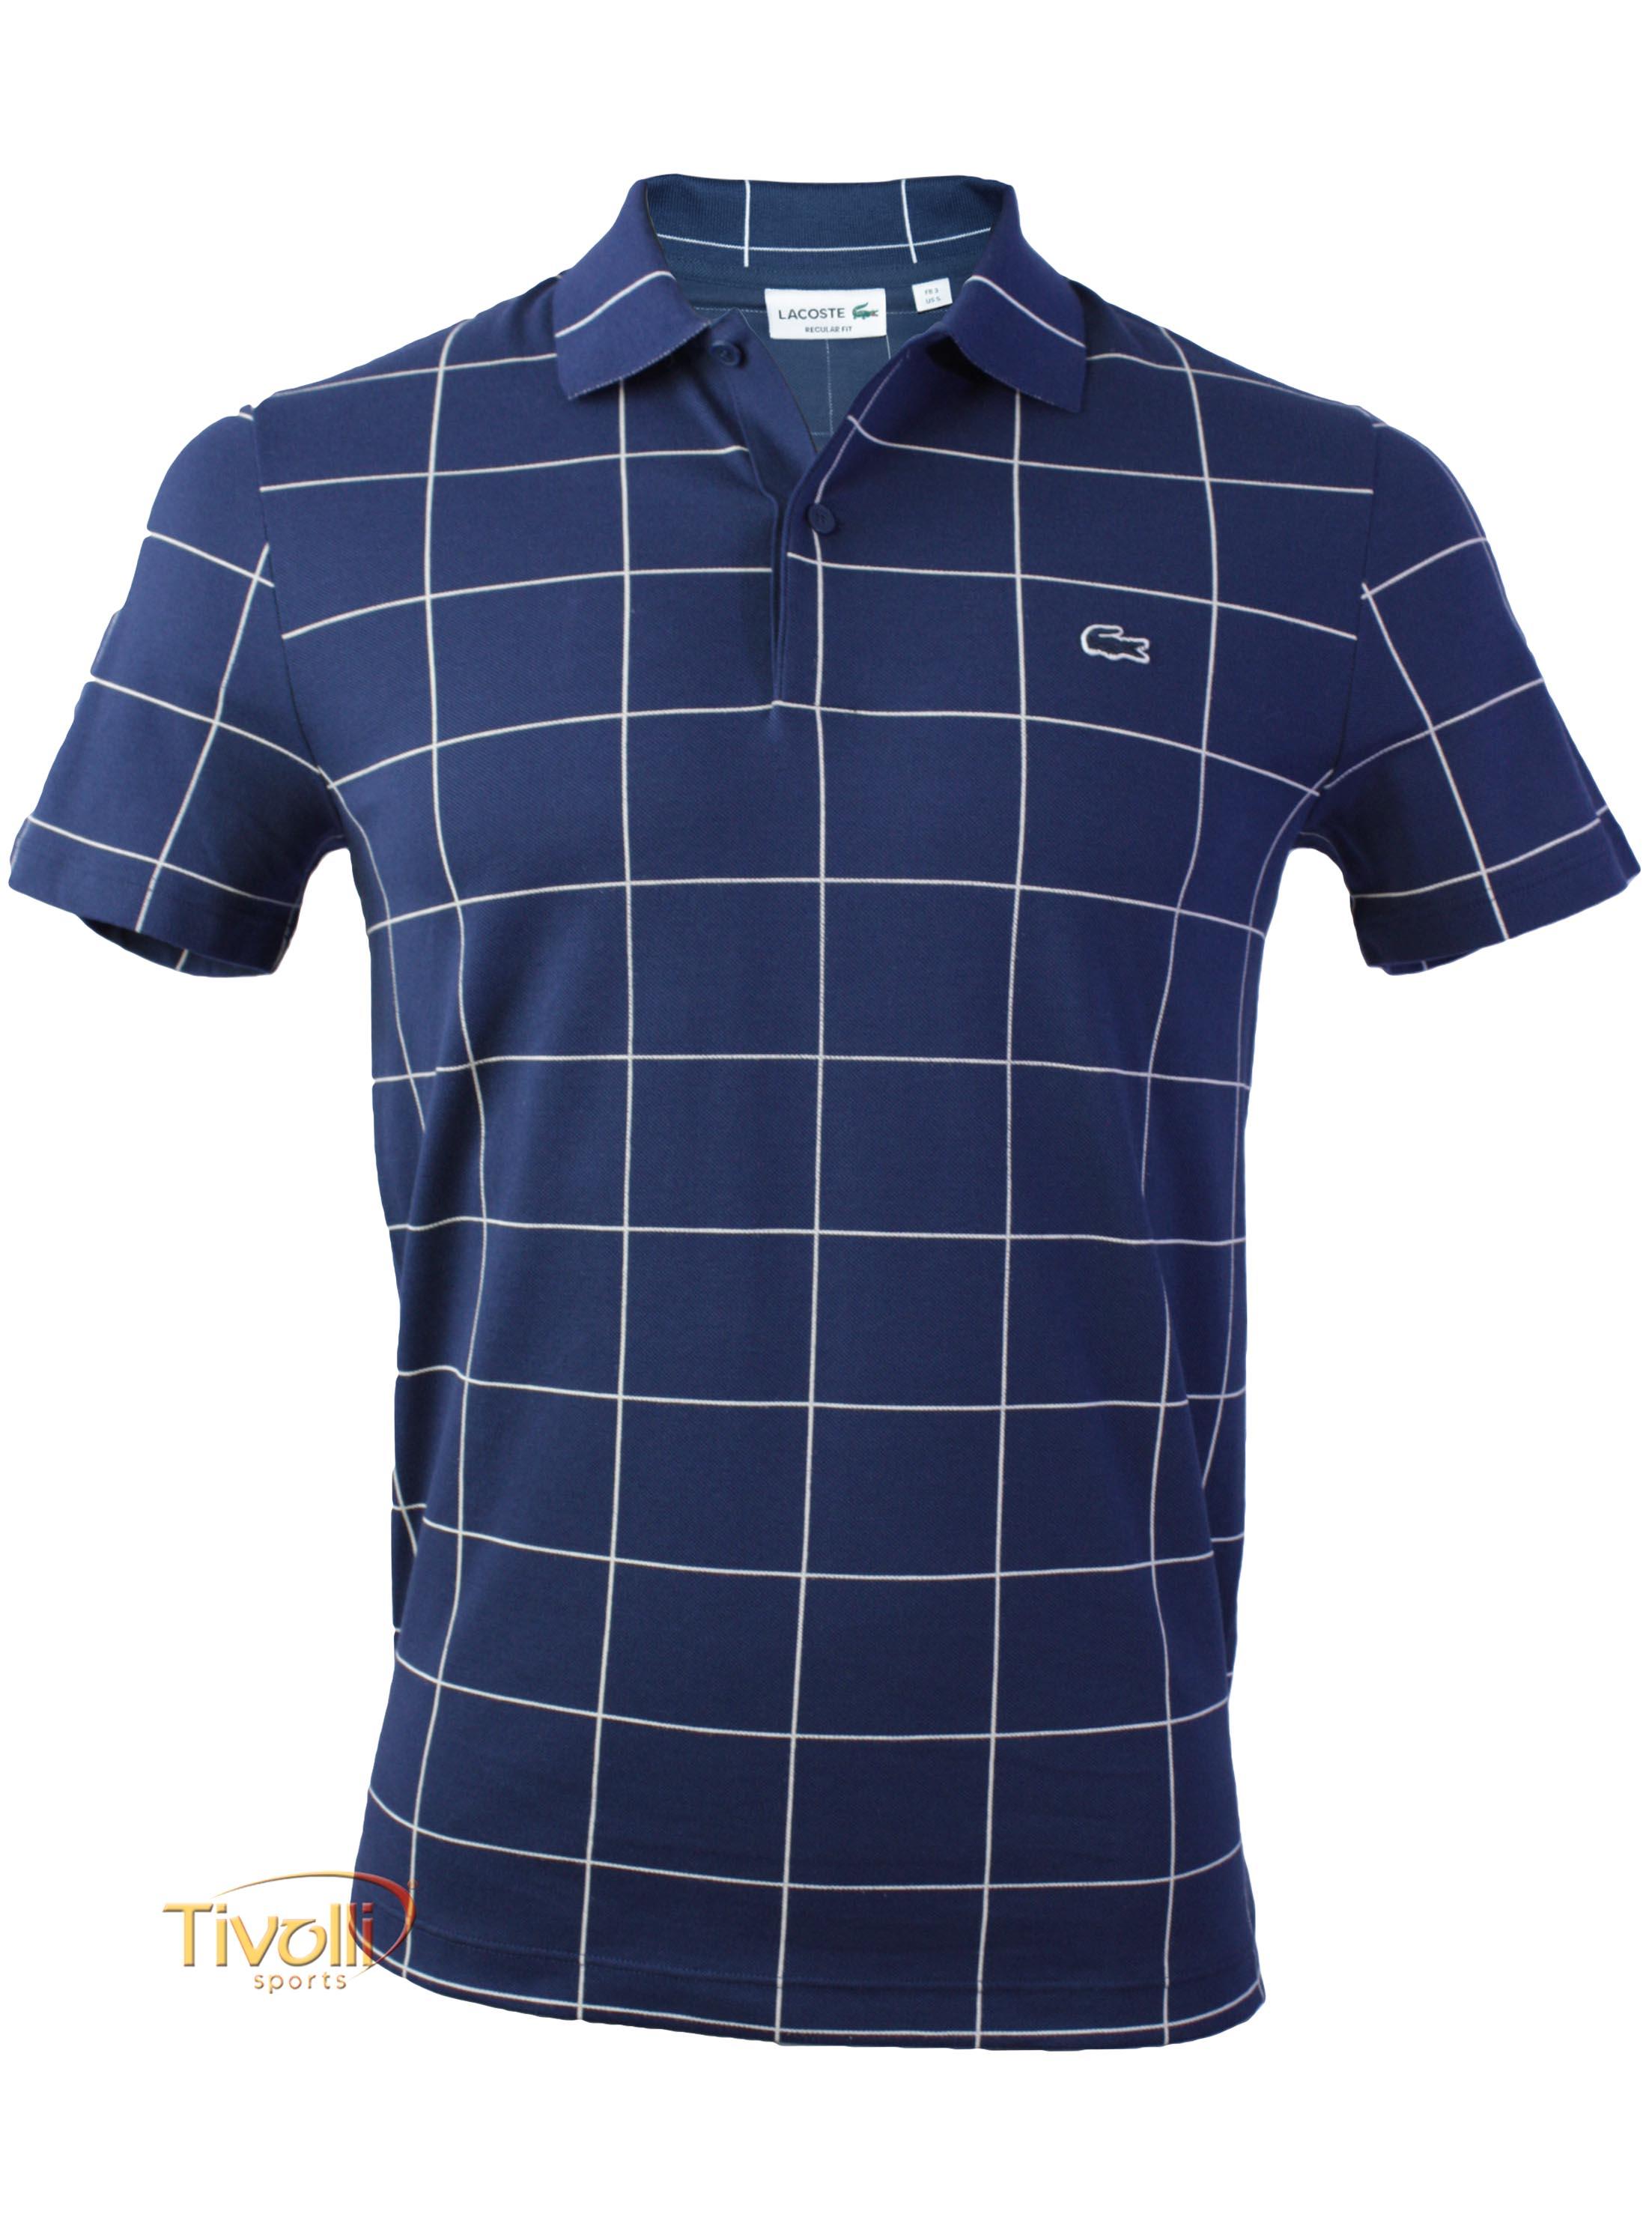 cea485ca2d336 Camisa Polo Lacoste   Quadriculada Azul Marinho